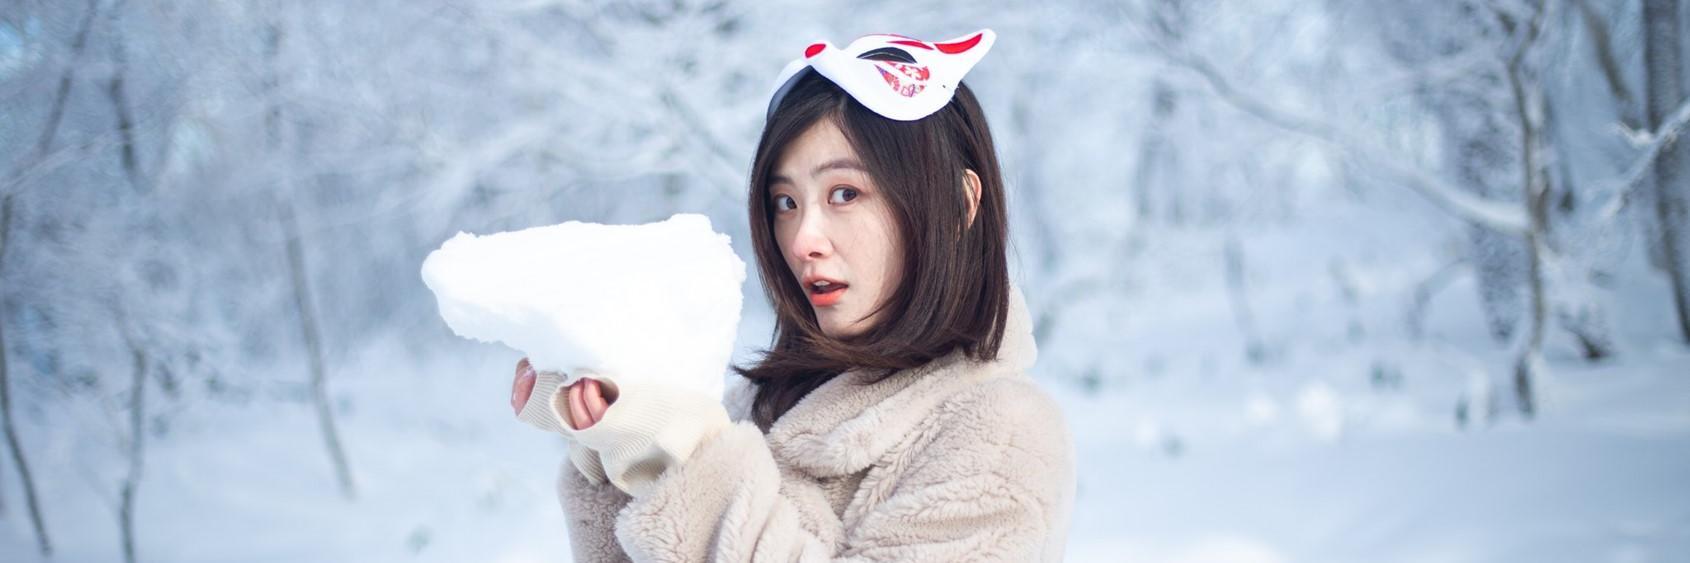 不可错过的北海道---赴一场函馆的冬日之约